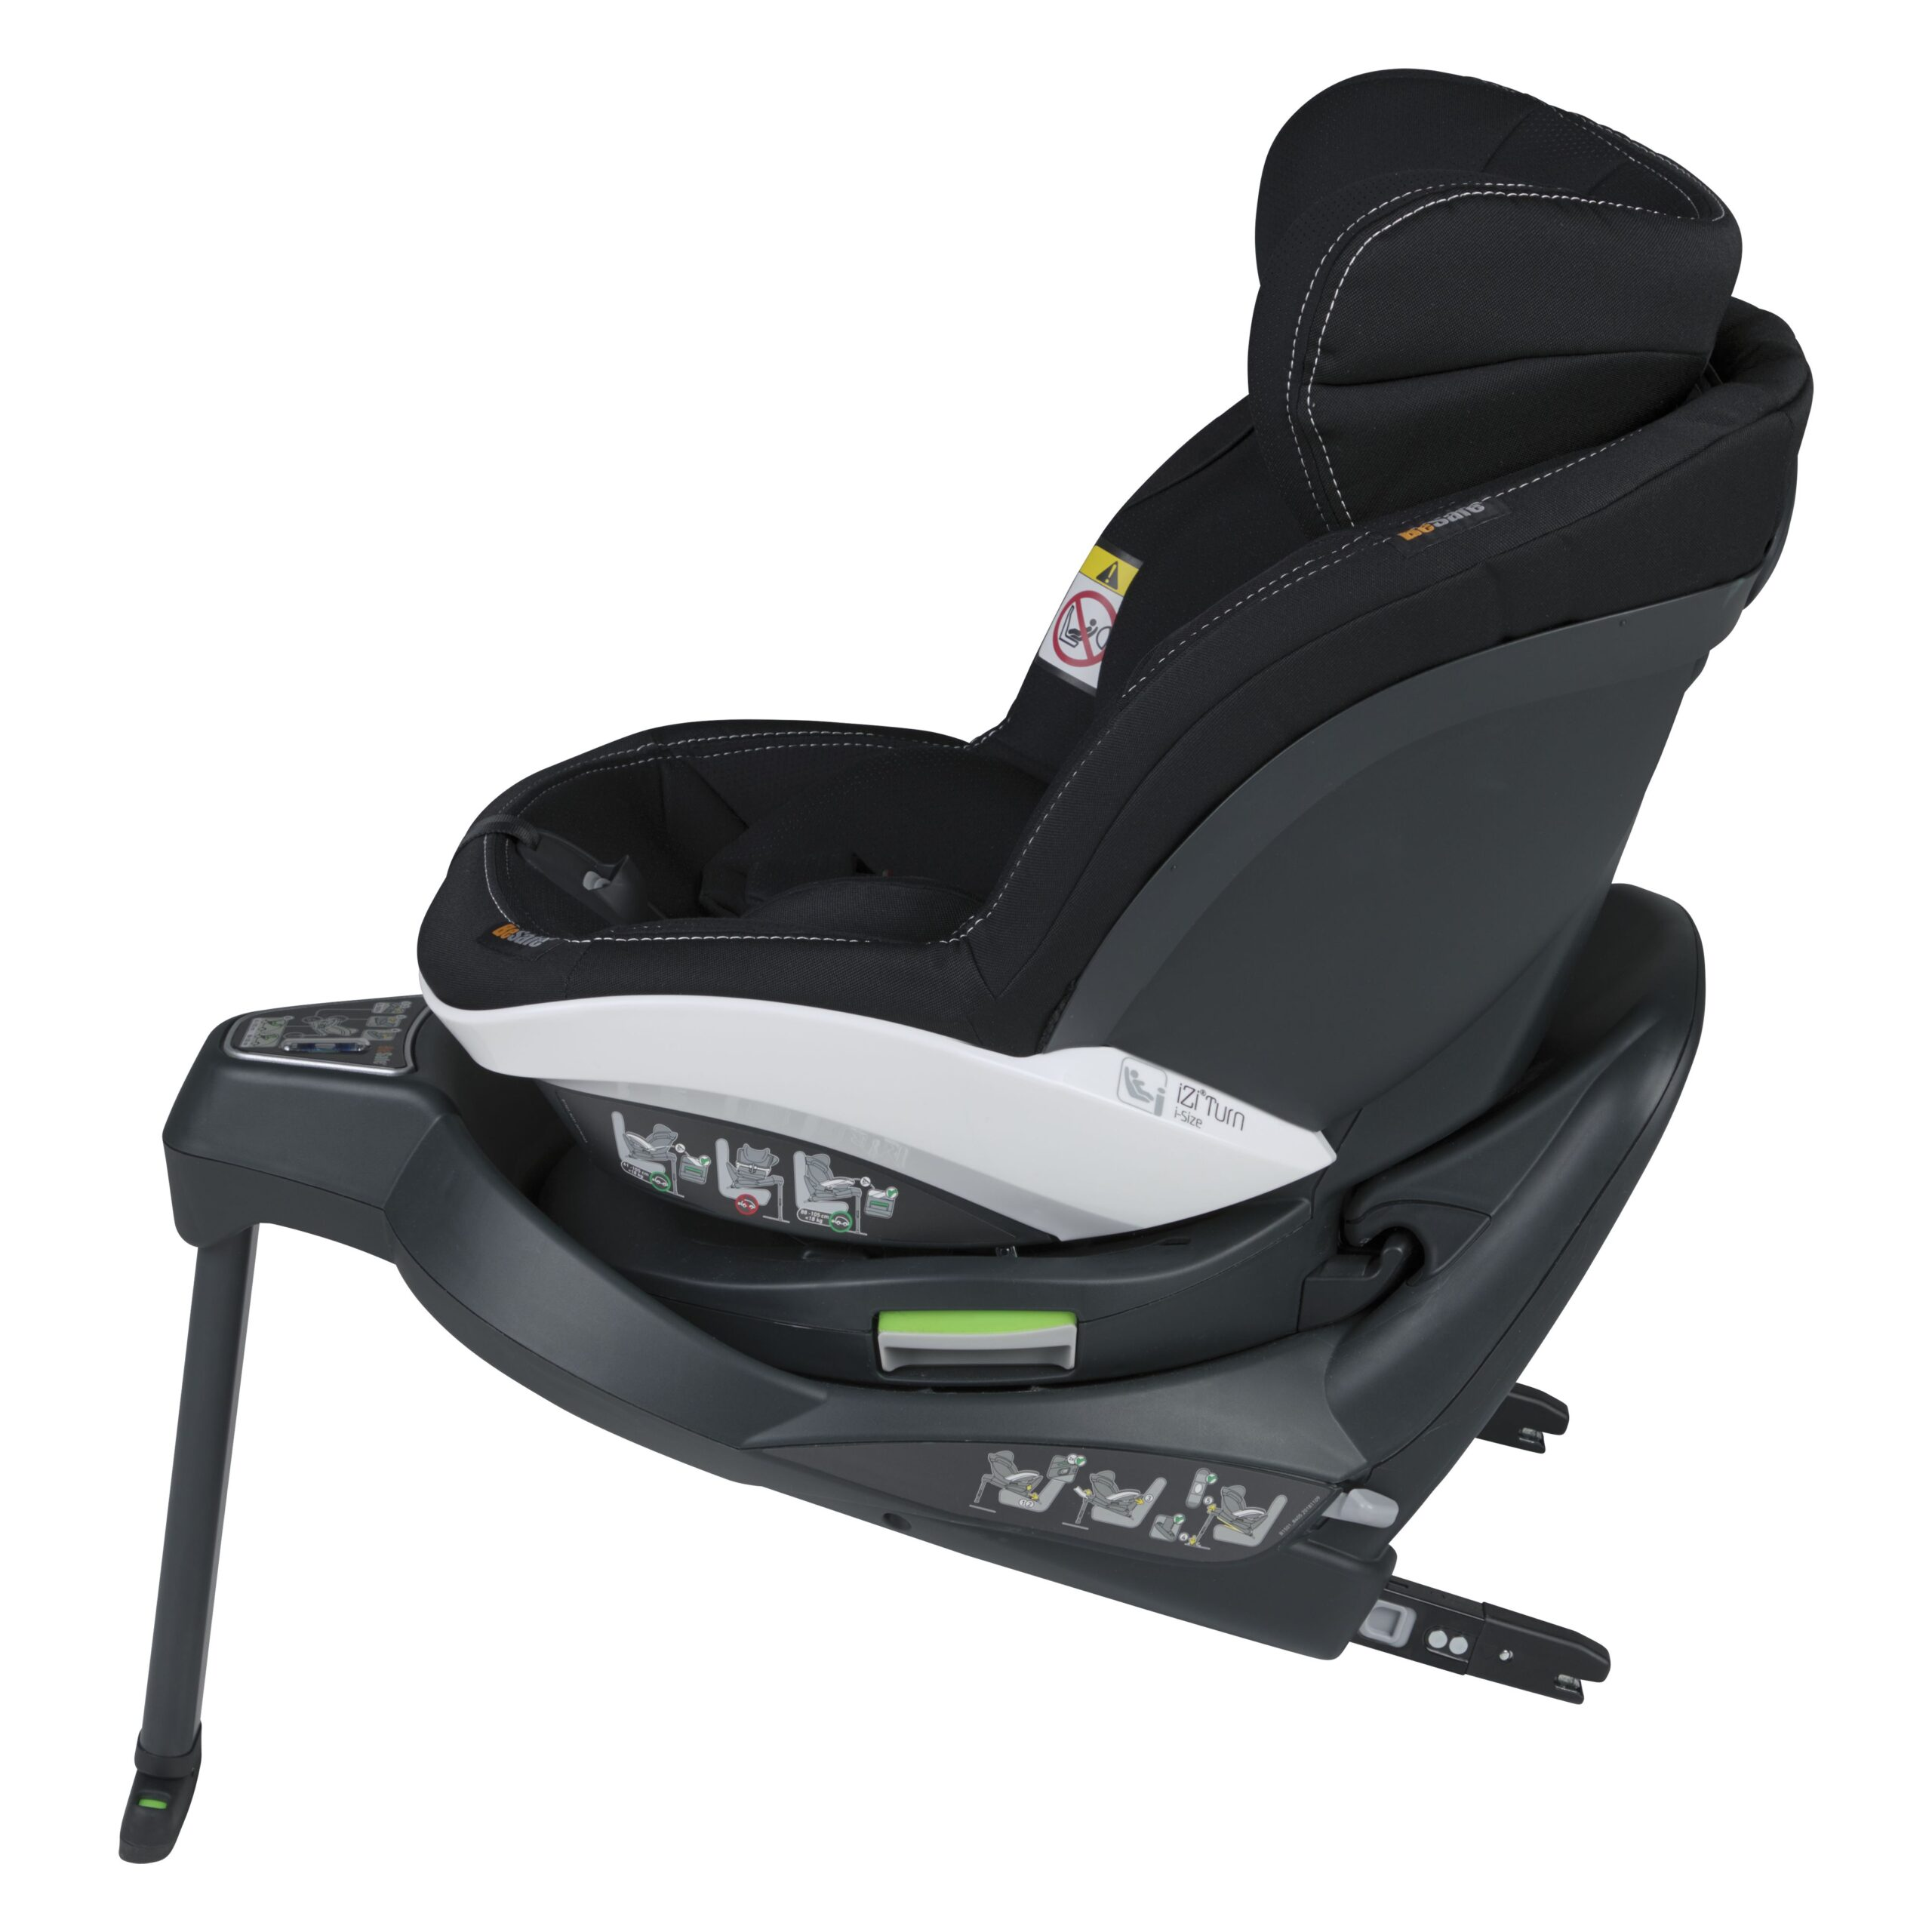 11007222_BeSafe-iZi-Turn-i-Size_Premium-Car-Interior-Black_Side_Forward-facing